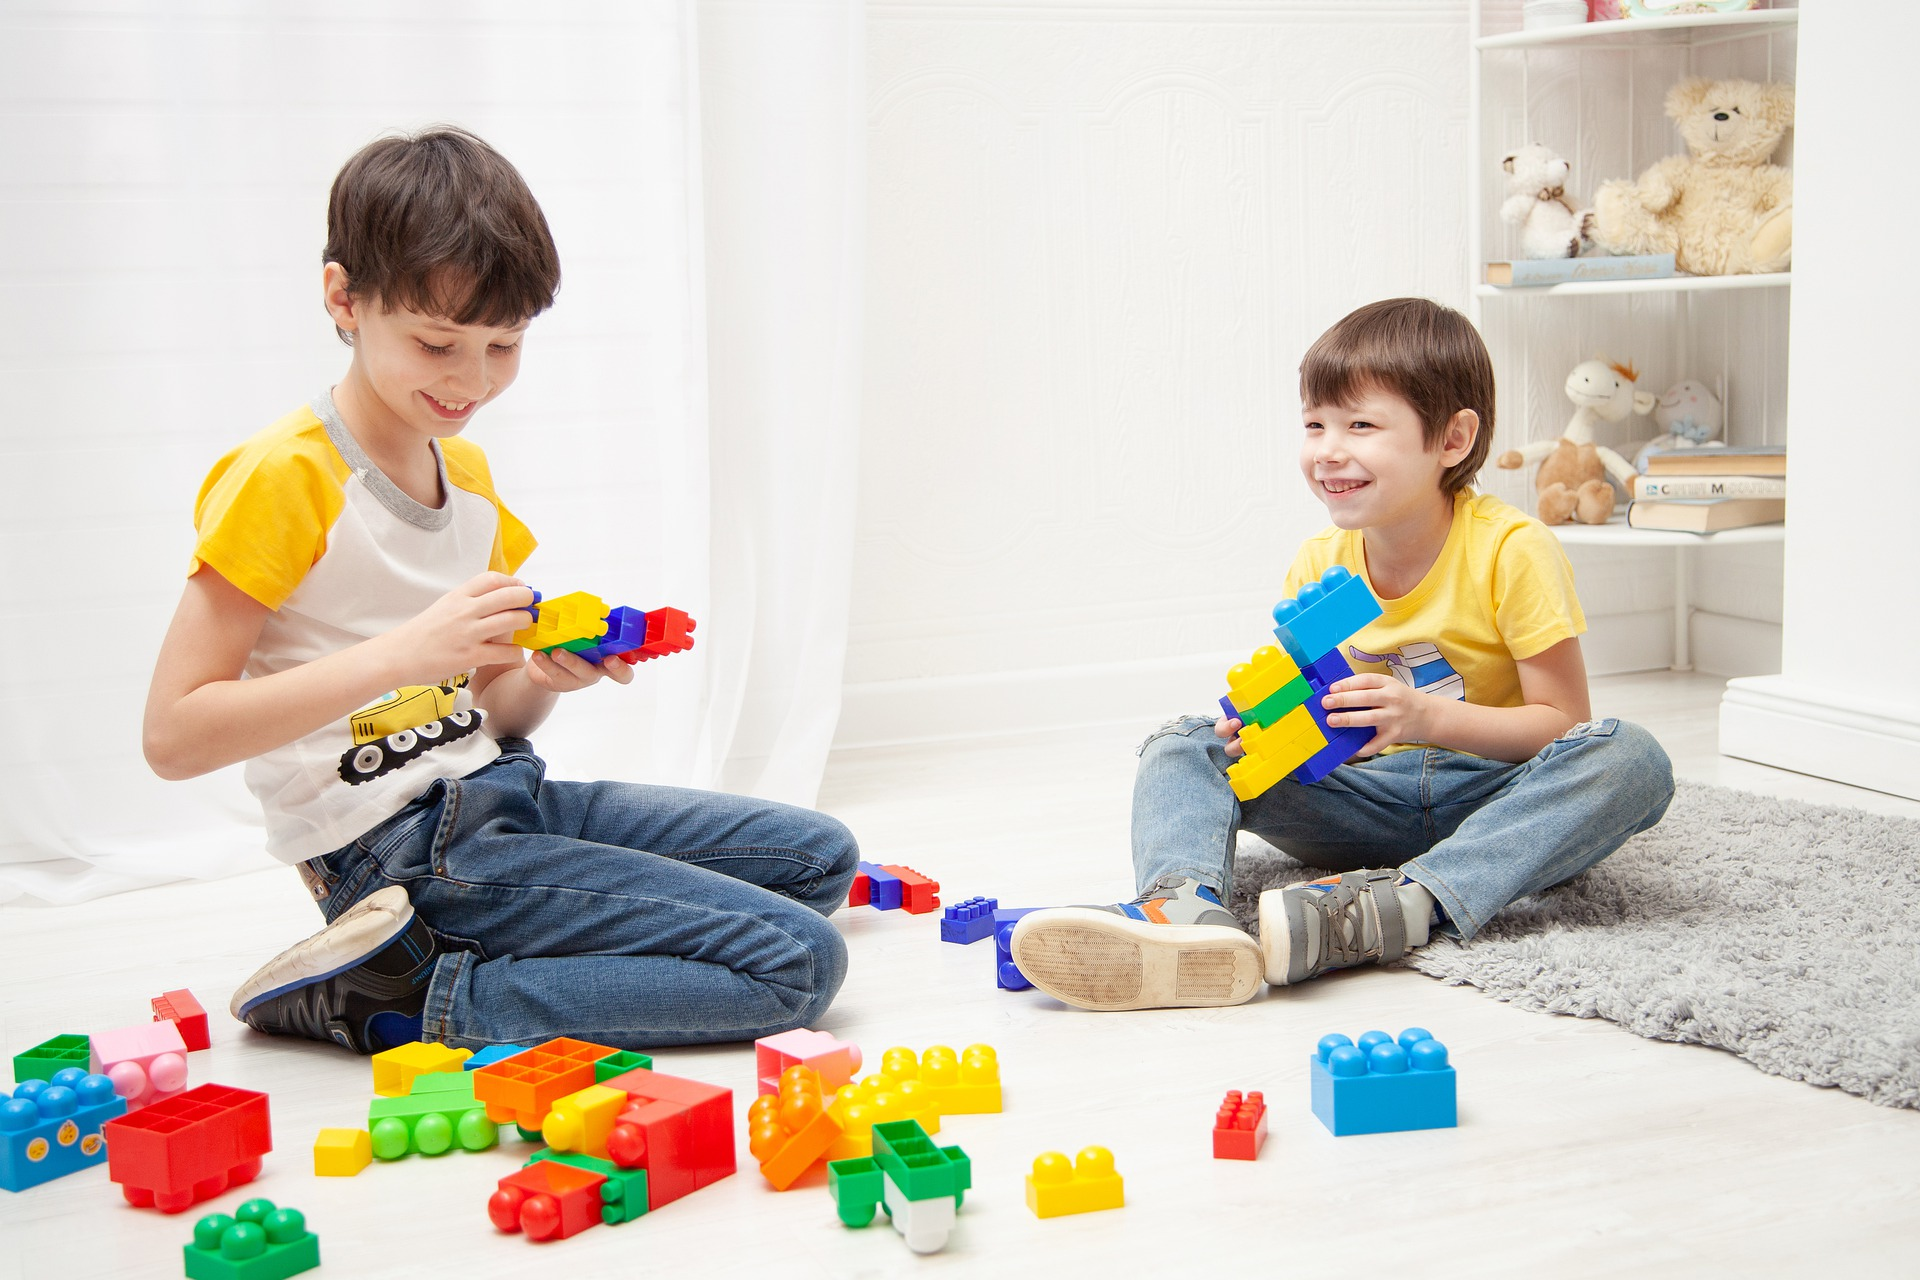 kids-4942876_1920